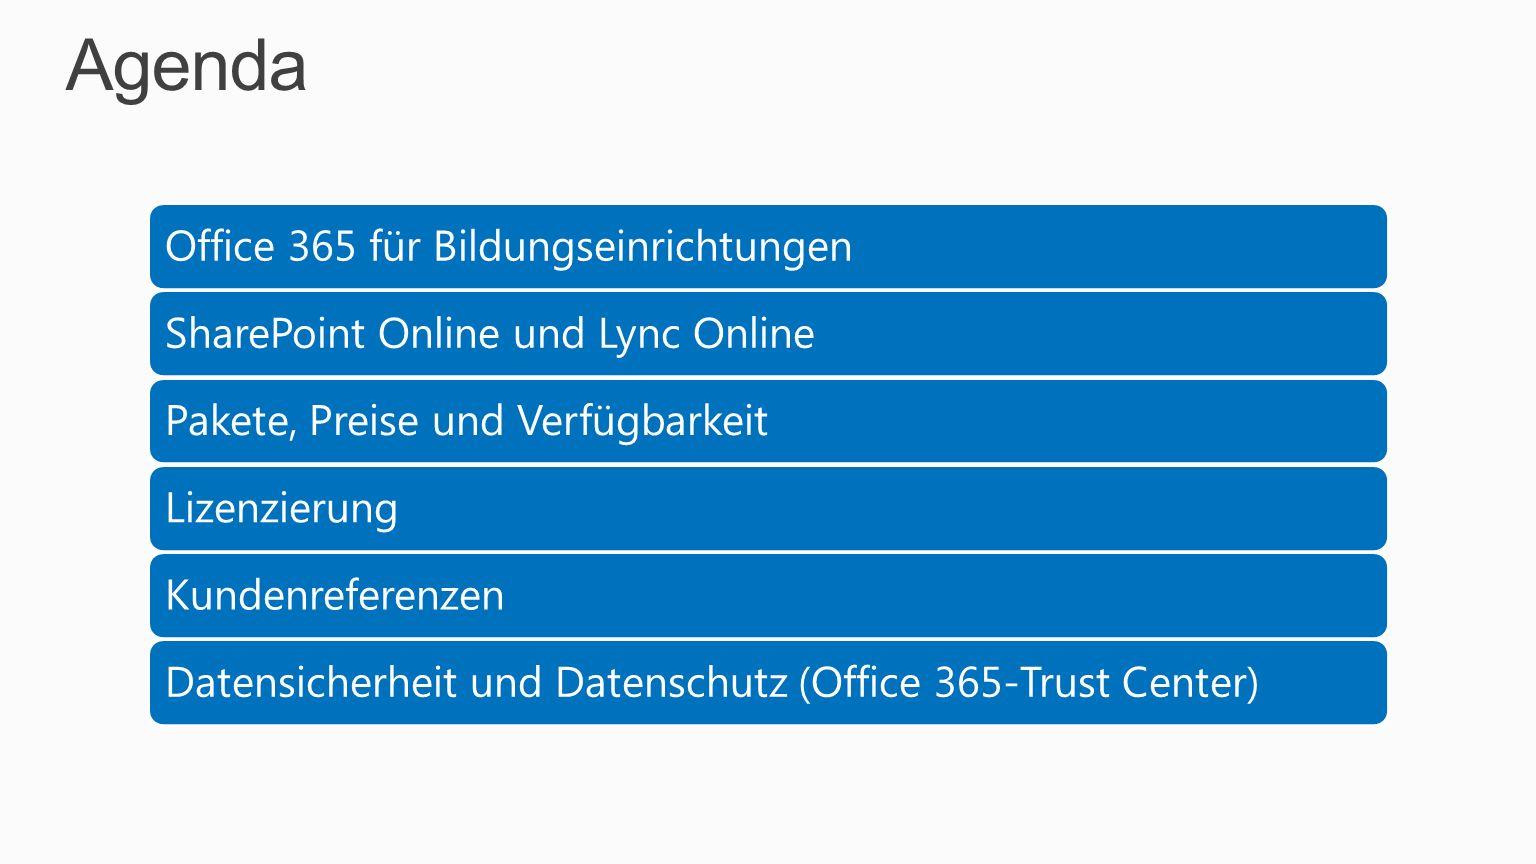 Agenda Office 365 für Bildungseinrichtungen